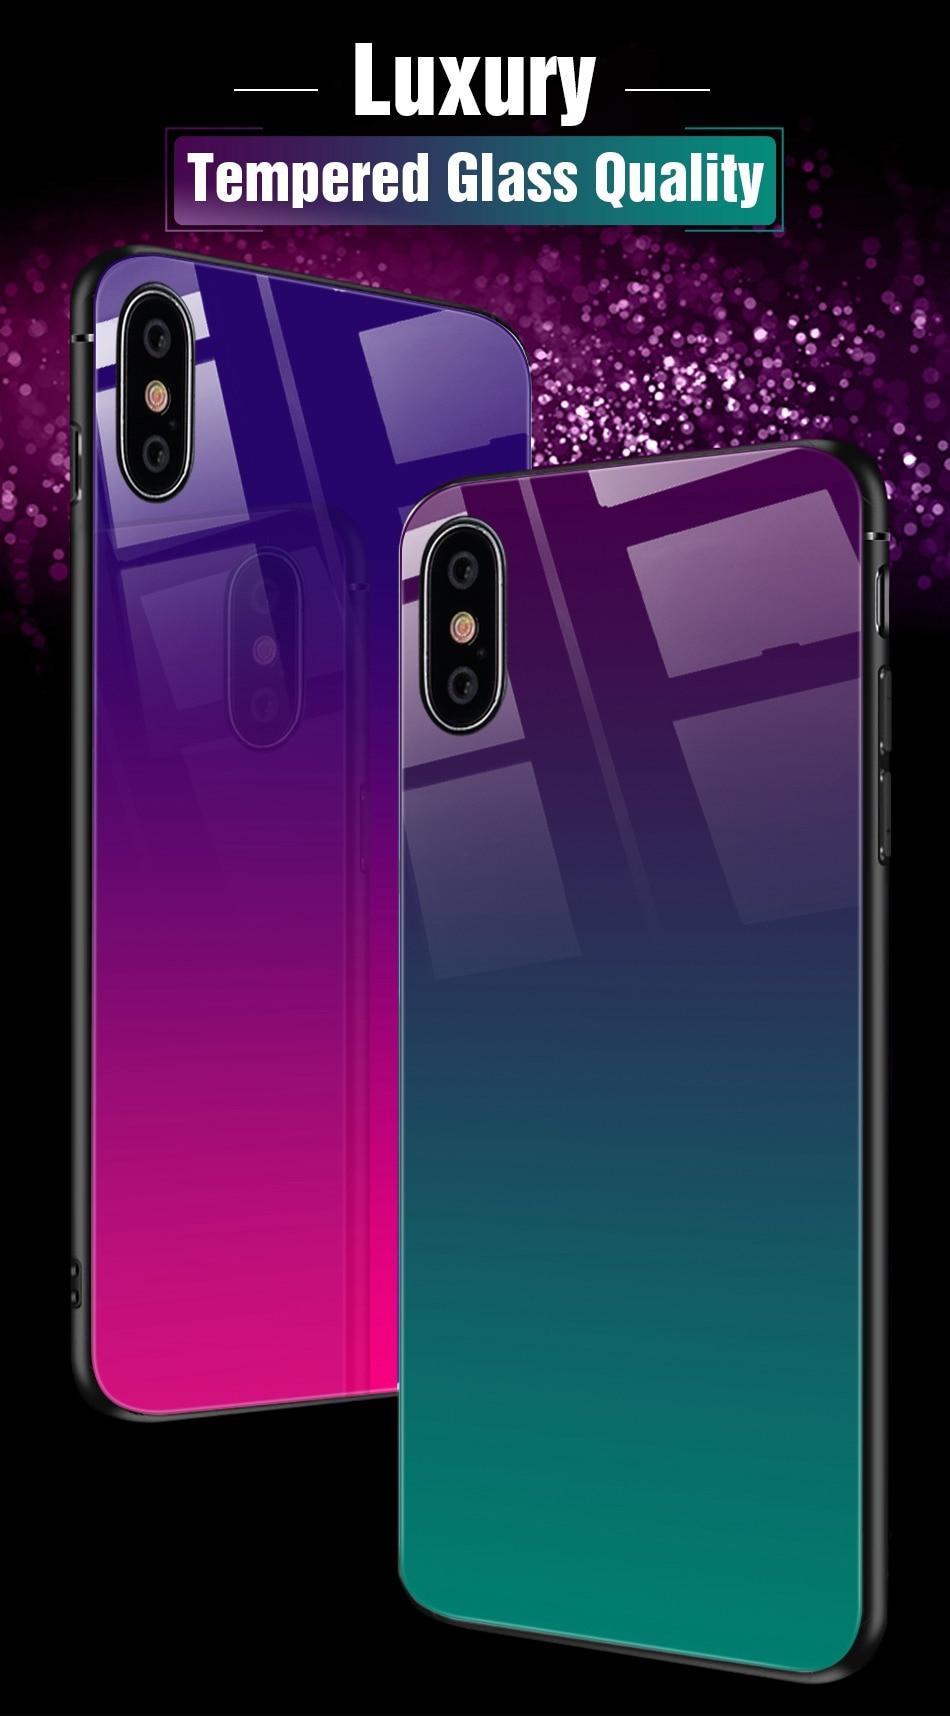 iPhone X Xr Xs Max豪华硅胶手机壳适用于iPhone 6的iPhone 7 8 Plus手机壳适用于iPhone 6 6S Coque的渐变钢化玻璃保护套(2)